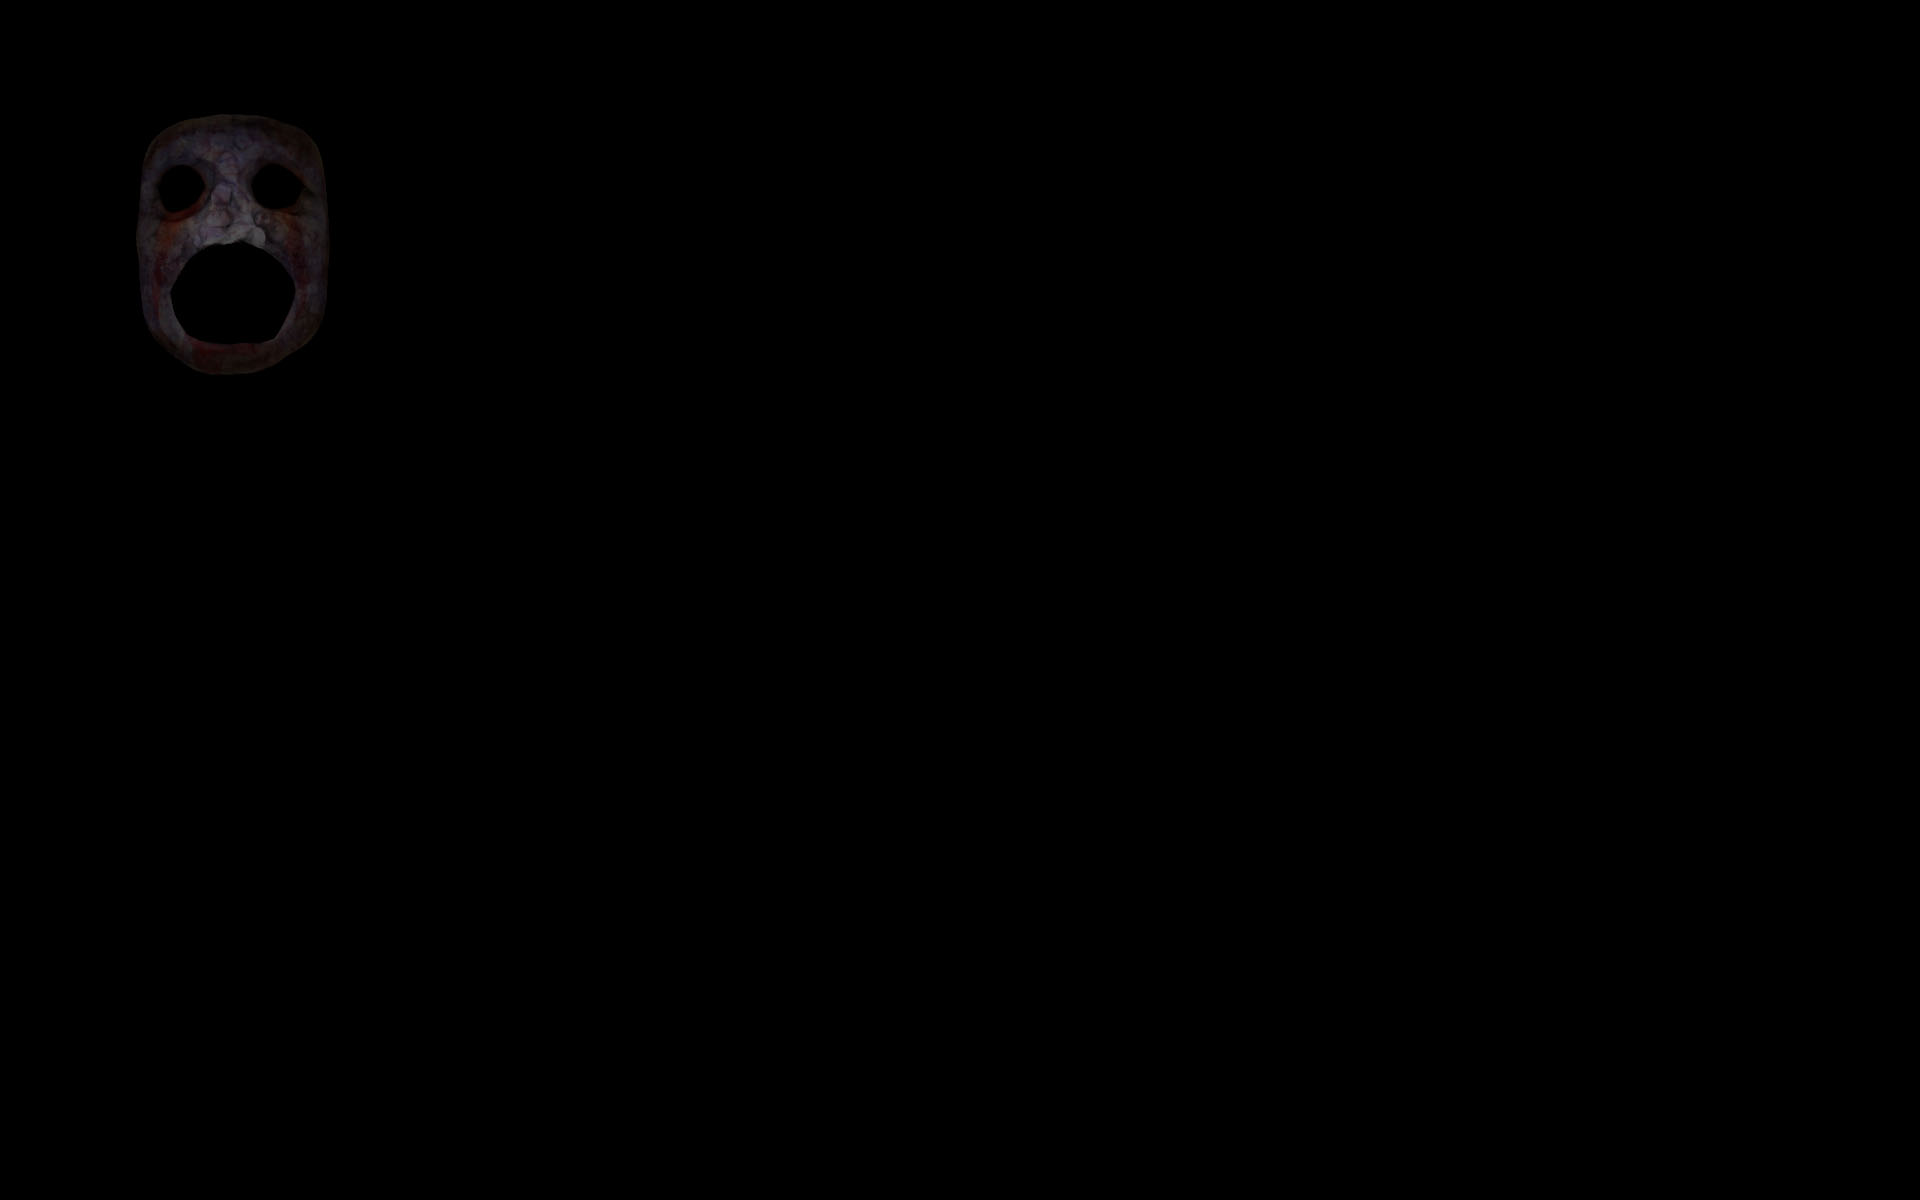 Morko